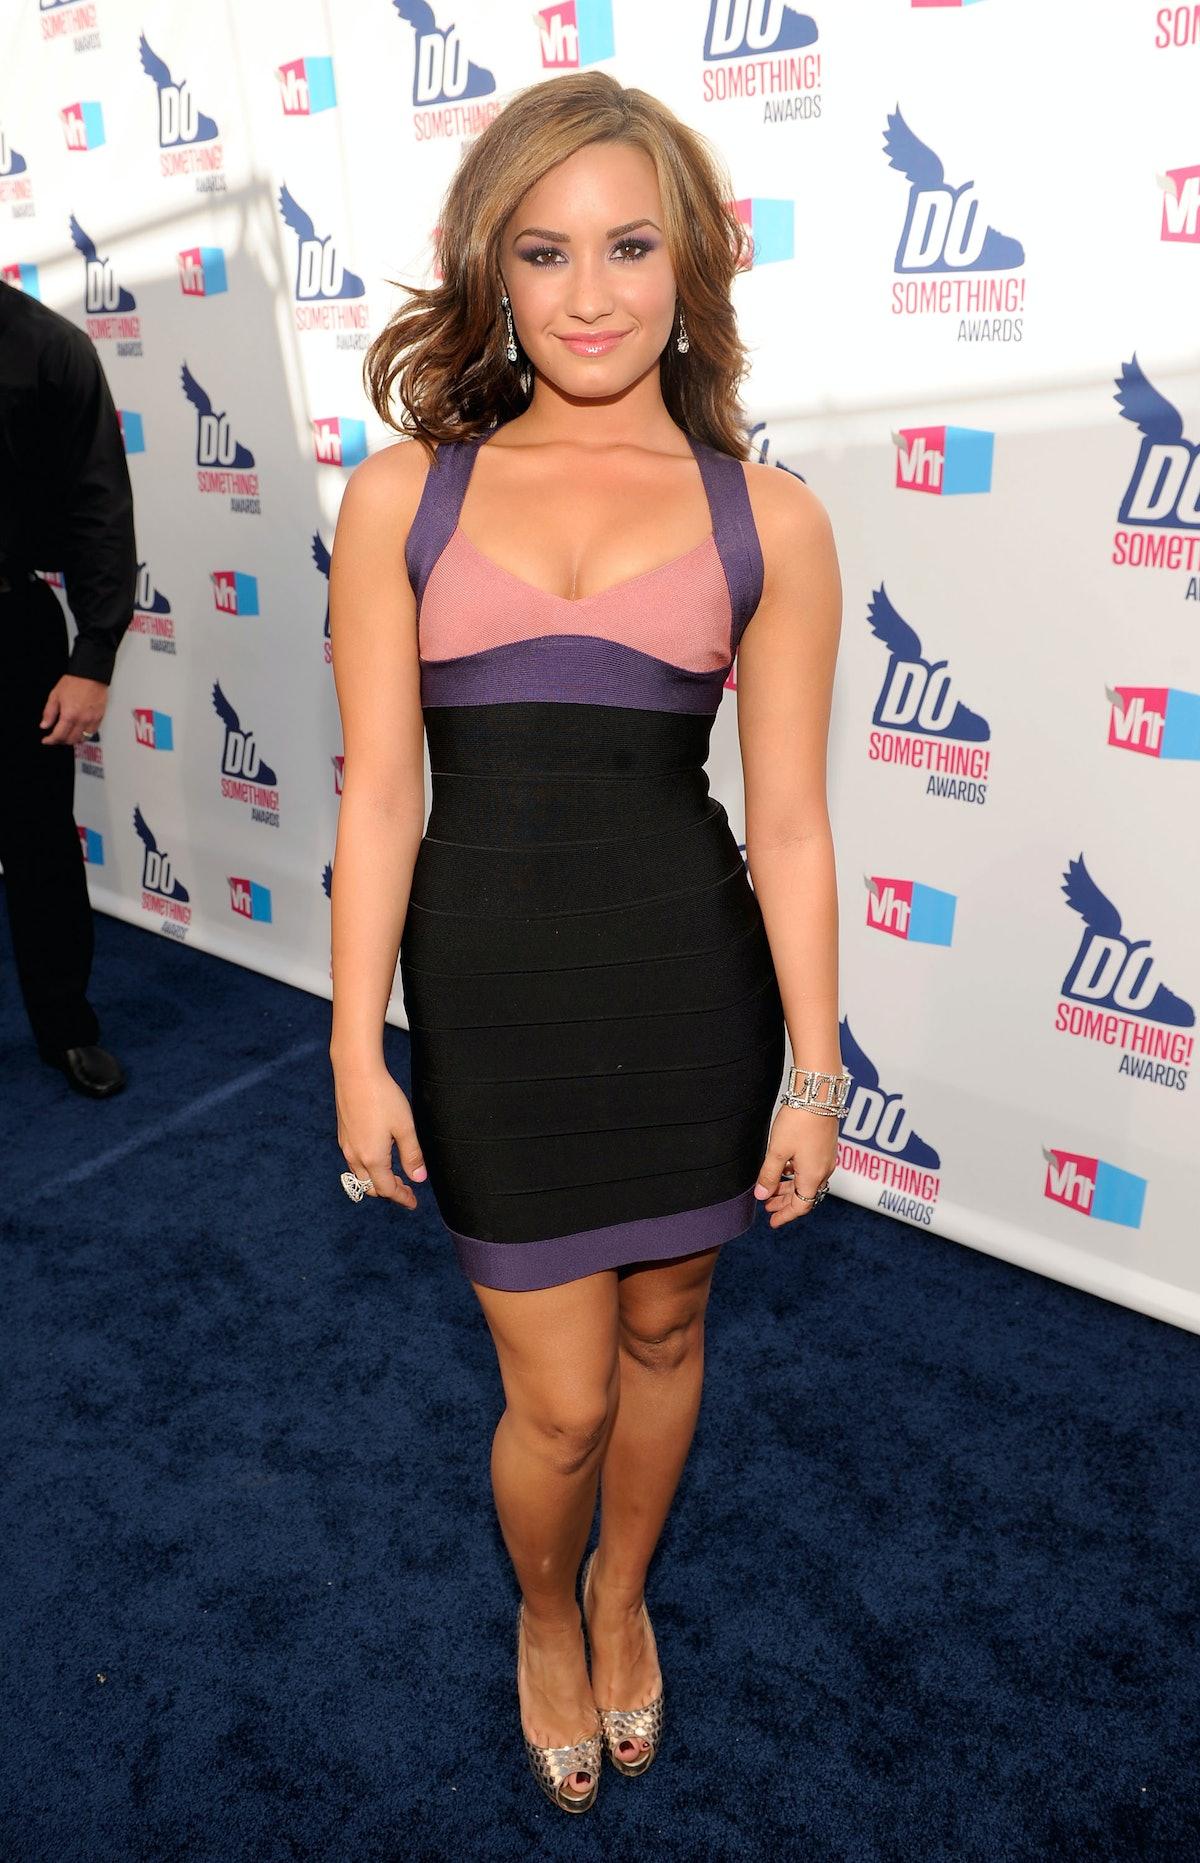 2010 VH1 Do Something Awards - Red Carpet